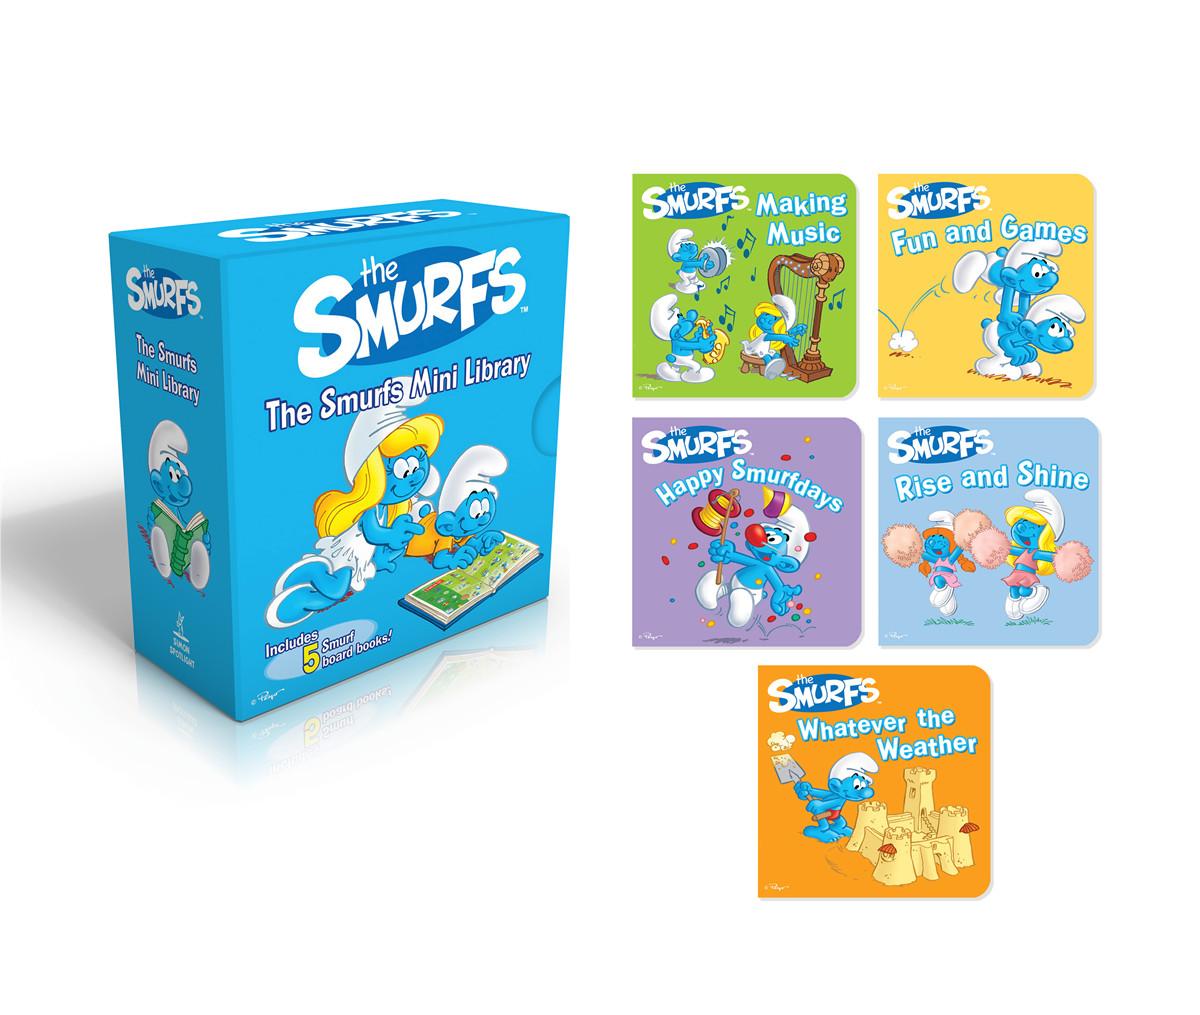 Smurfs mini library 9781442495432.in01